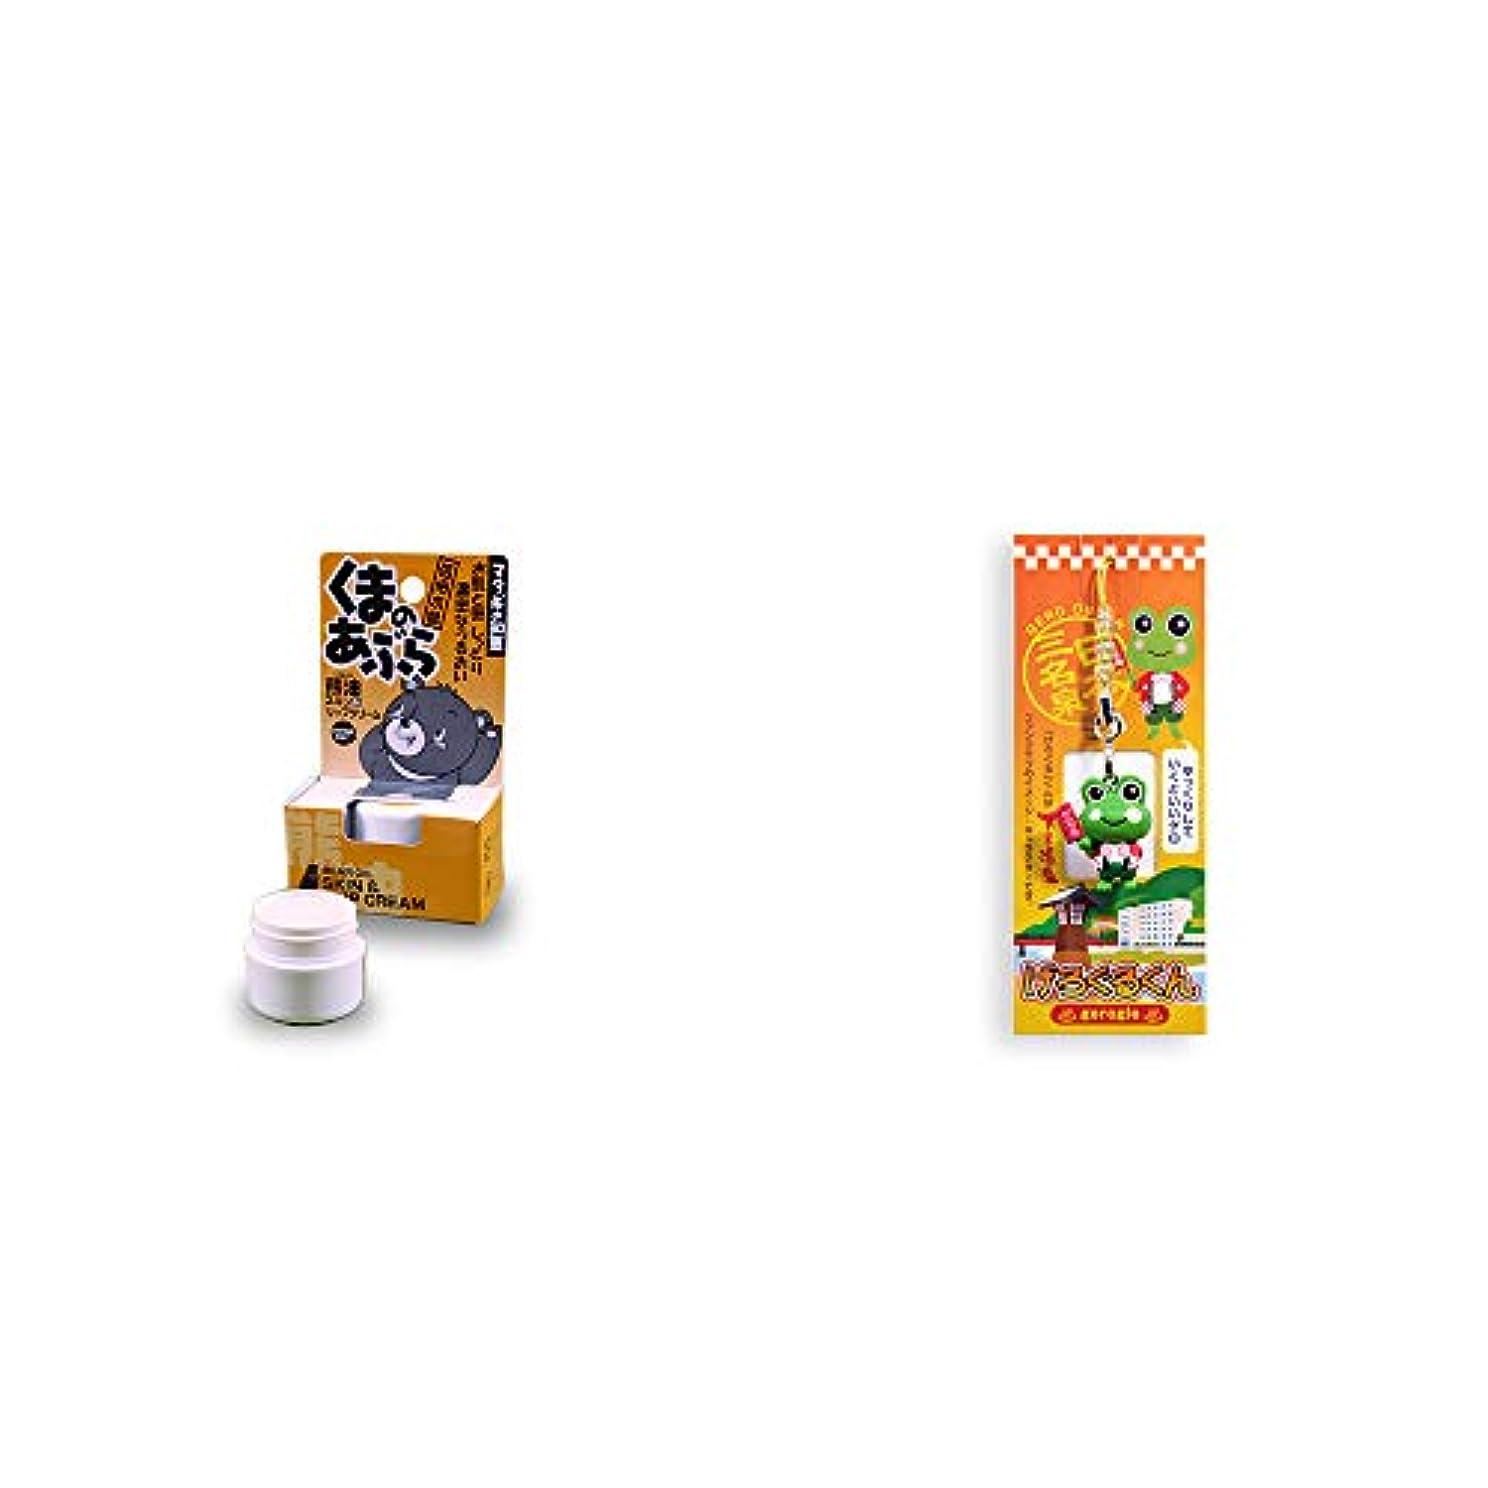 外部プレゼントベイビー[2点セット] 信州木曽 くまのあぶら 熊油スキン&リップクリーム(9g)?下呂温泉ファンクラブのイメージキャラクター げろぐるくんストラップ